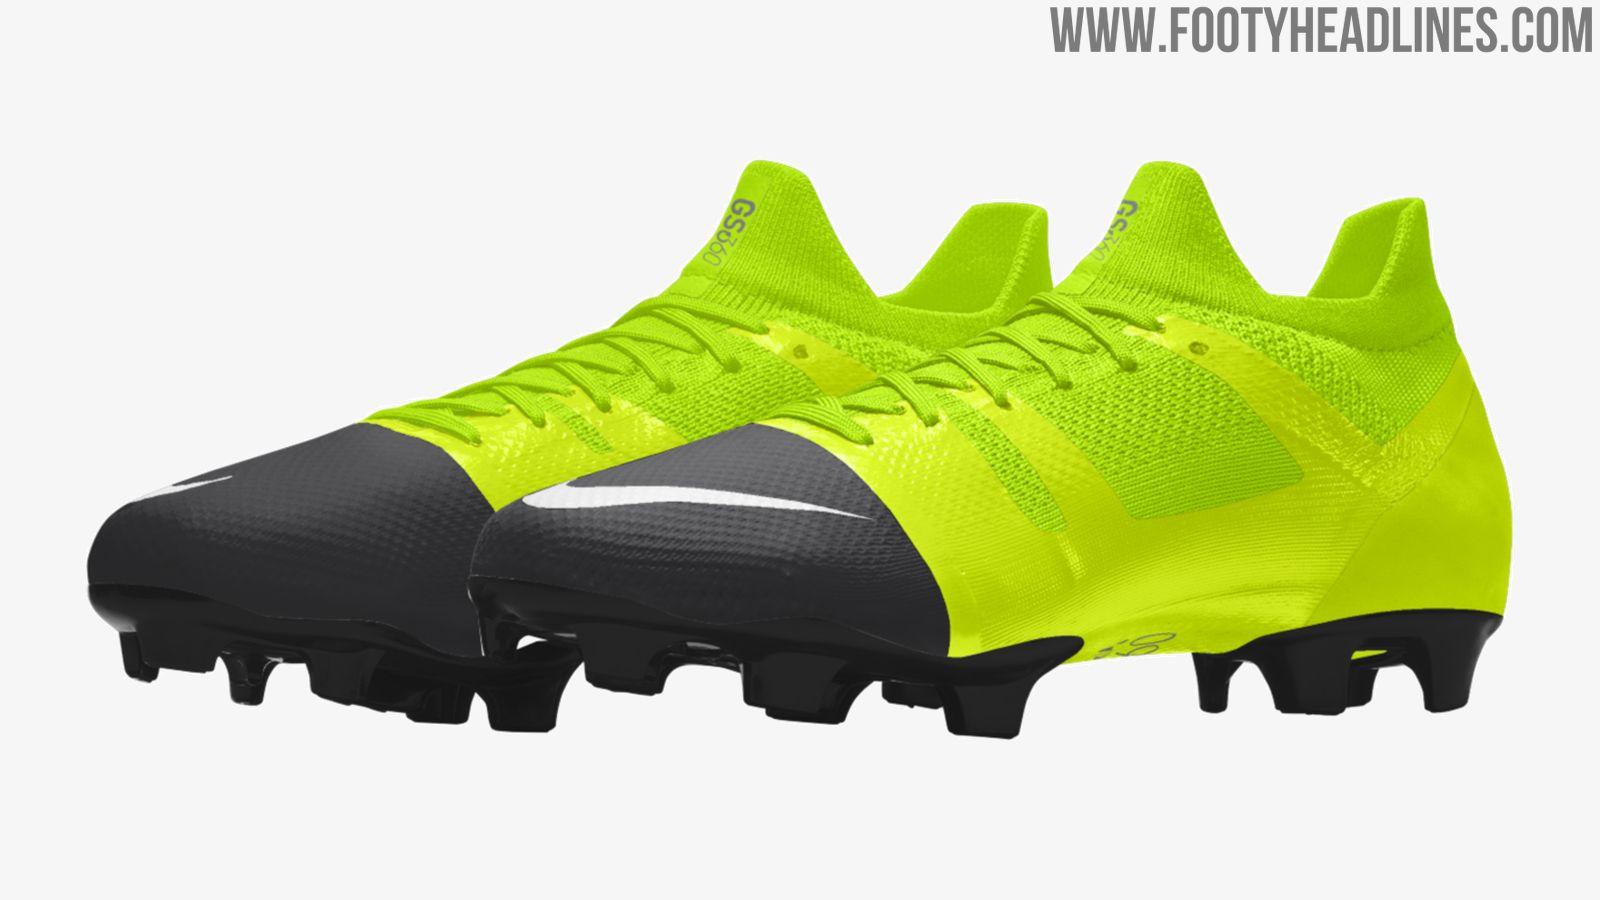 gamma completa di articoli seleziona per genuino stile romanzo Nike Mercurial GS 360 iD Boots Launched - Still Available | Futbolgrid